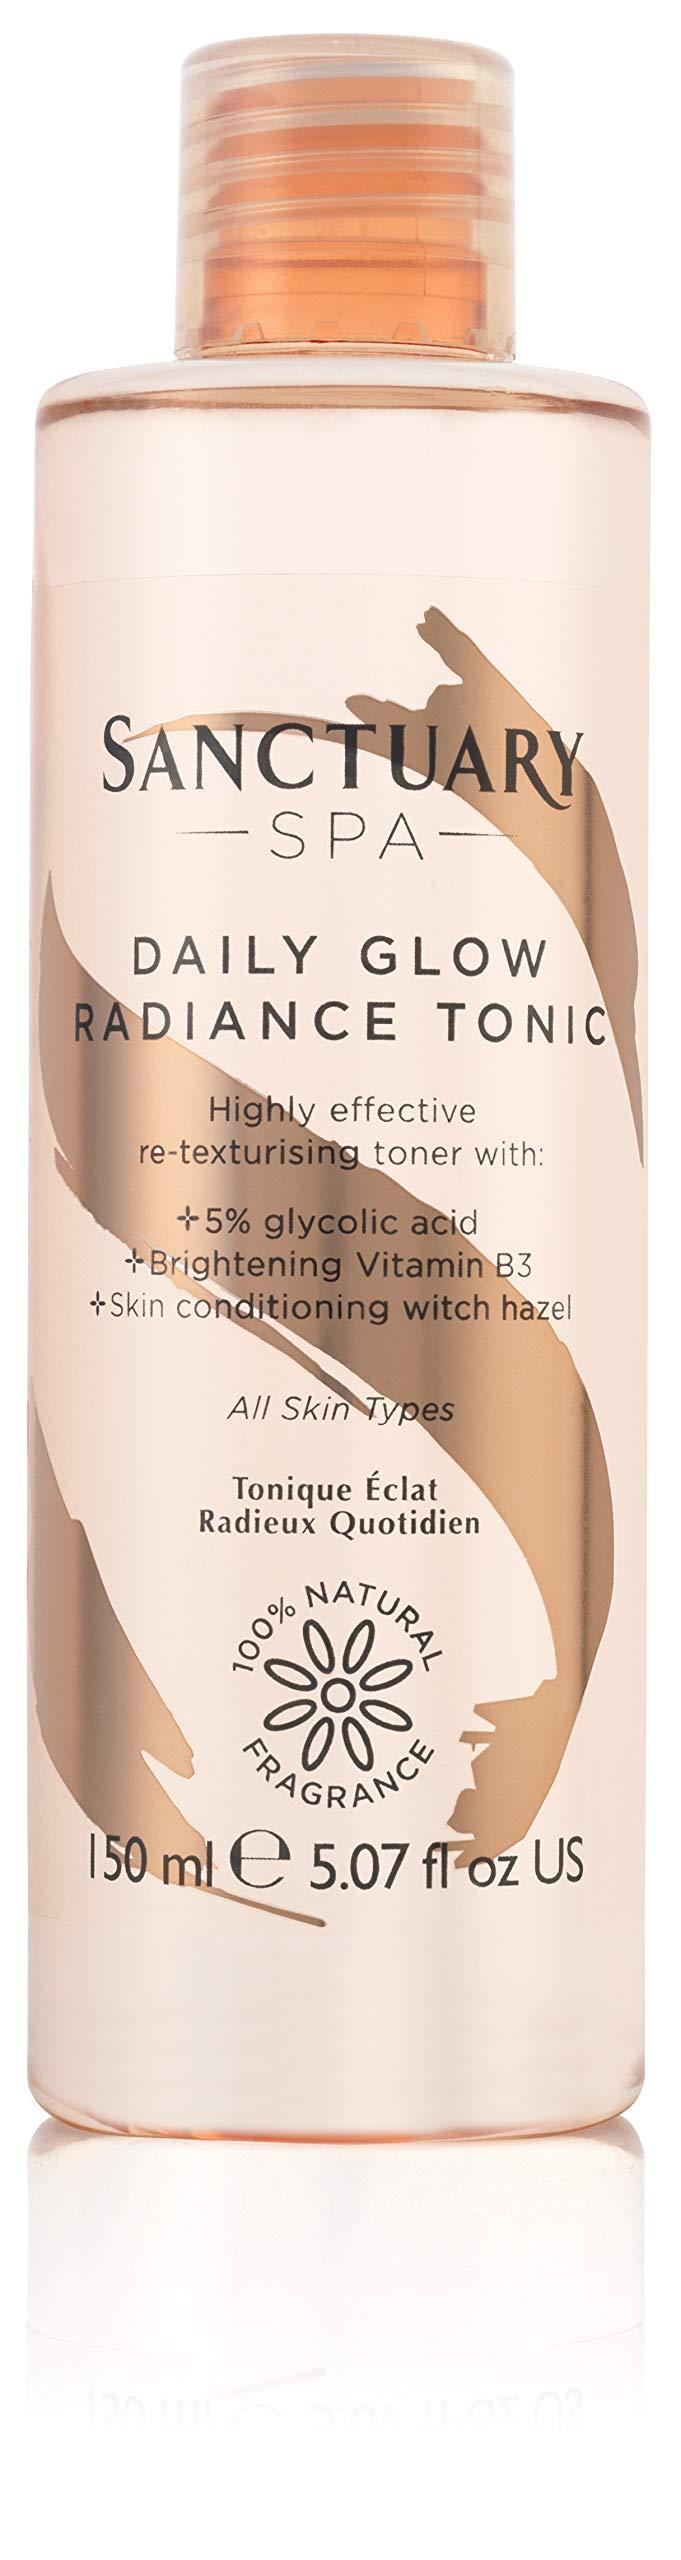 Sanctuary Spa Daily Glow Radiance Tonic Exfoliating Glycolic Toner, 150 ml